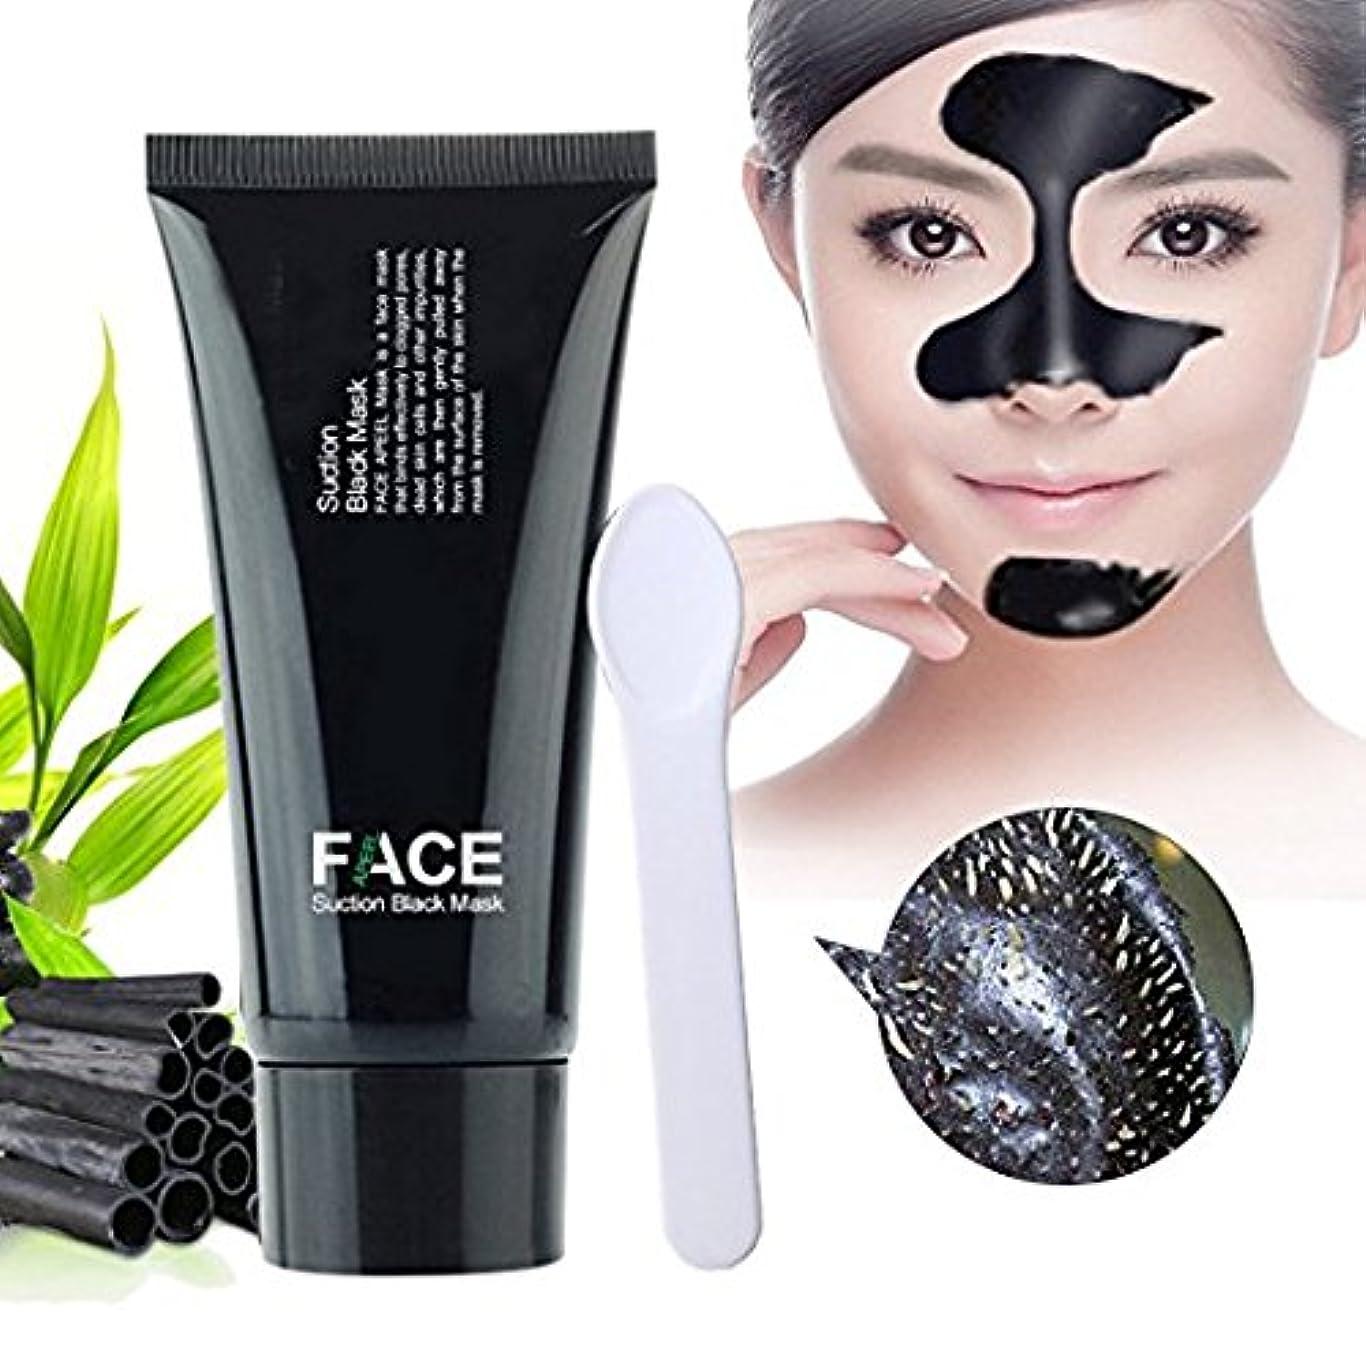 耕すコンパニオンアーティストBlackhead Remover Mask, FaceApeel-Peel Off Black Head Acne Treatments,Face Cleaning Mask+Spoon